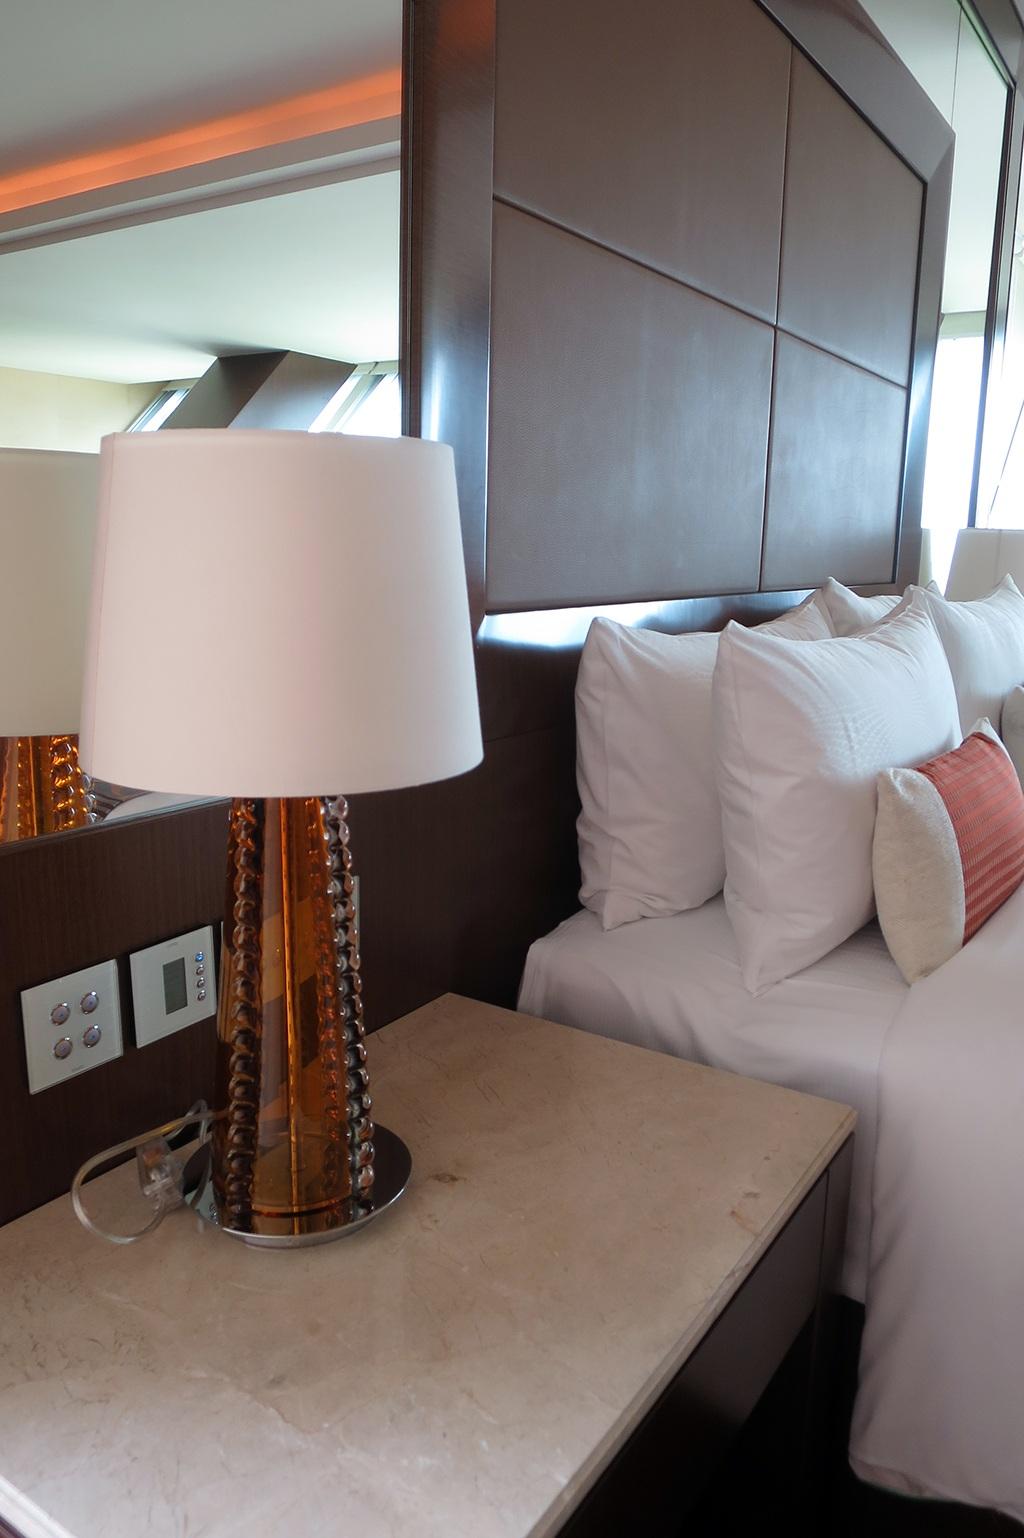 Đèn ngủ vẫn được đặt tại đầu giường như thường thấy.